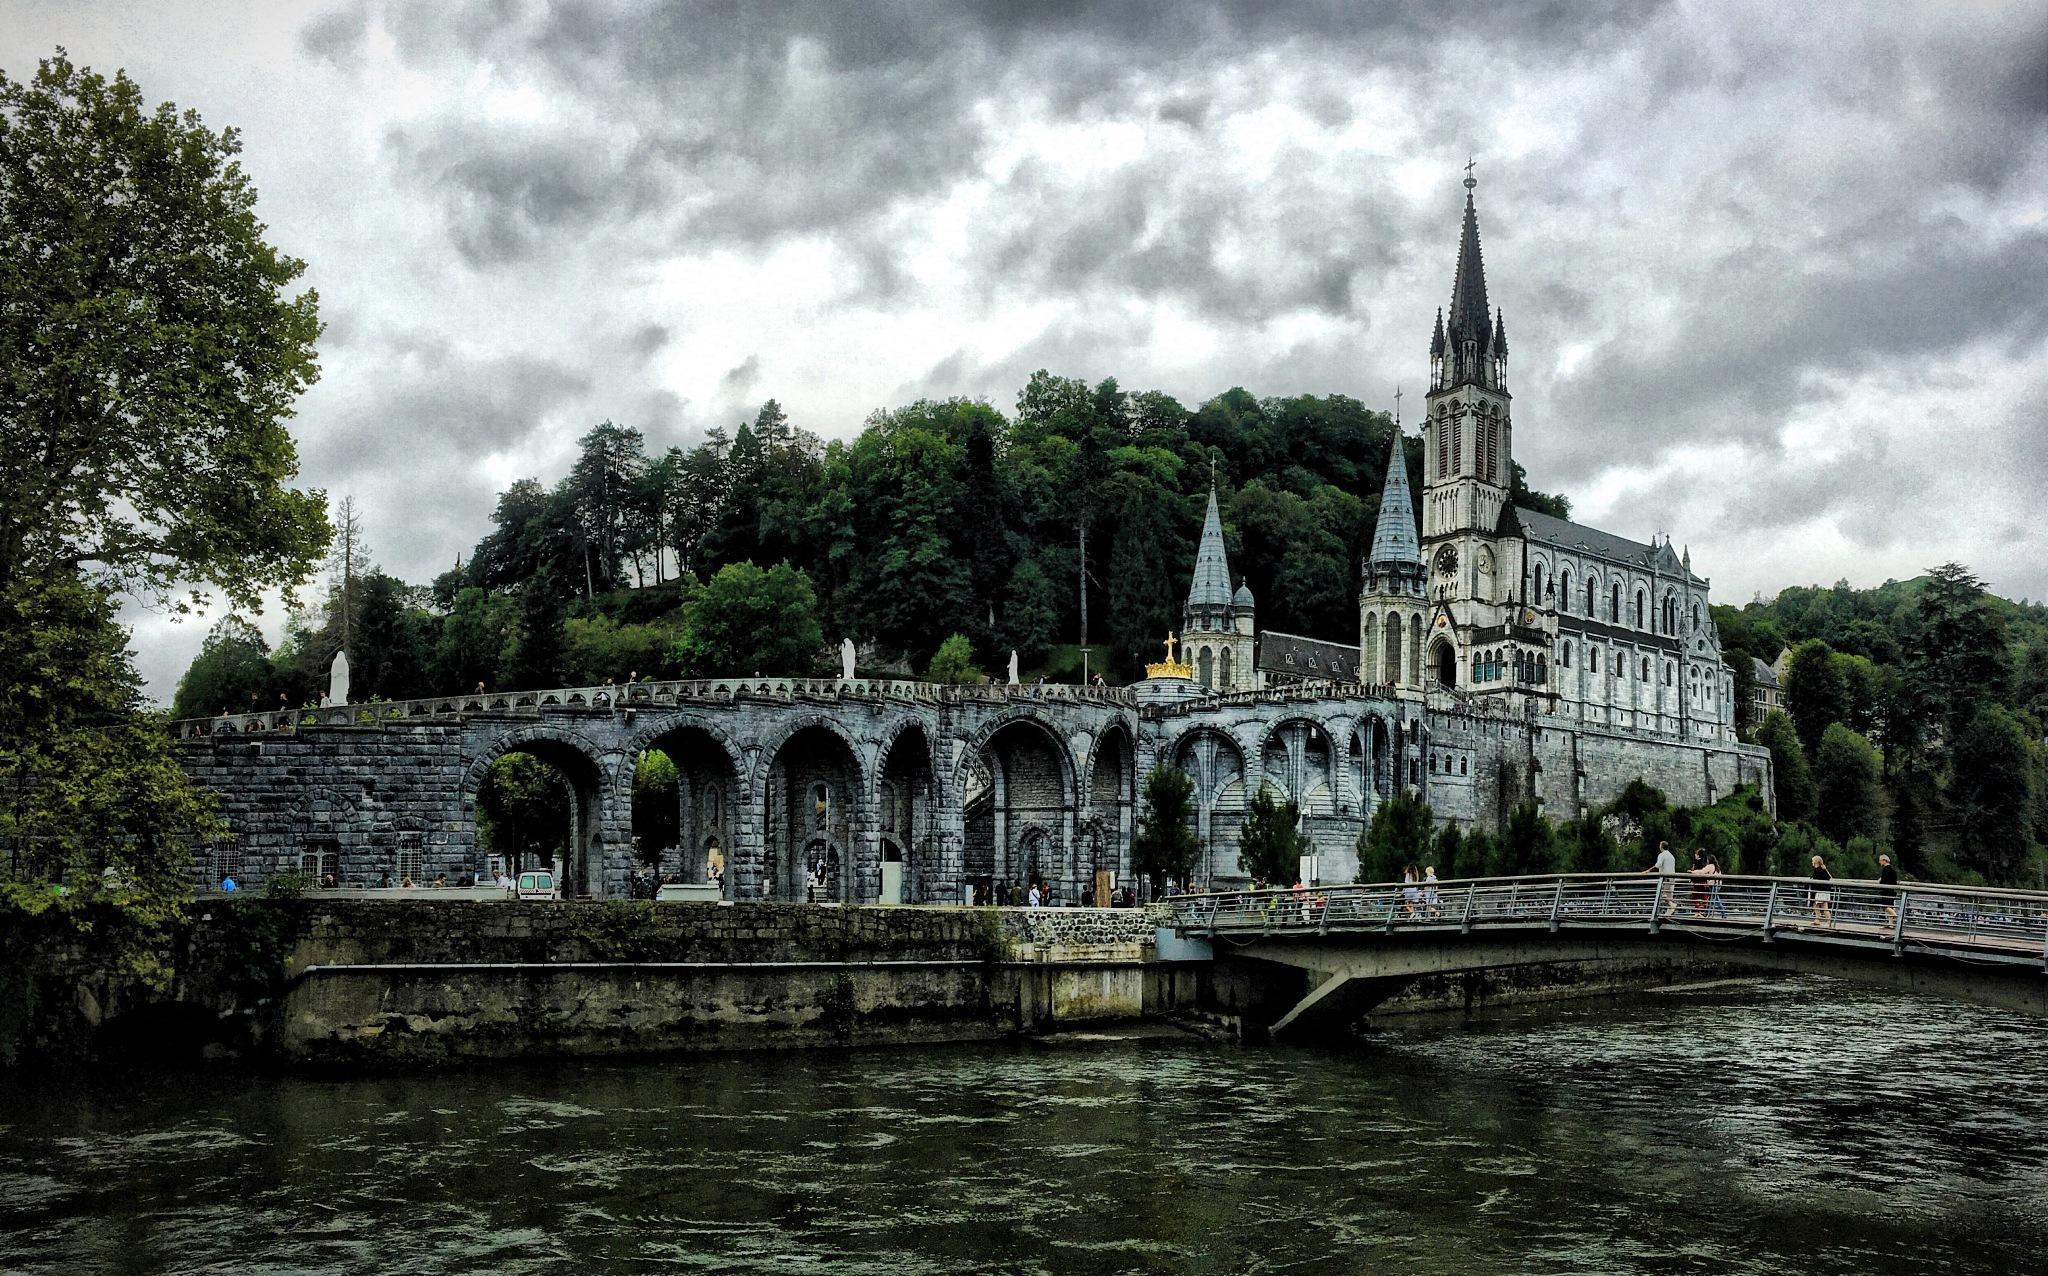 Santuario de Lourdes-HDR - Sanctuary of Lourdes-HDR - Santuario di Lourdes-HDR by cjcastromm